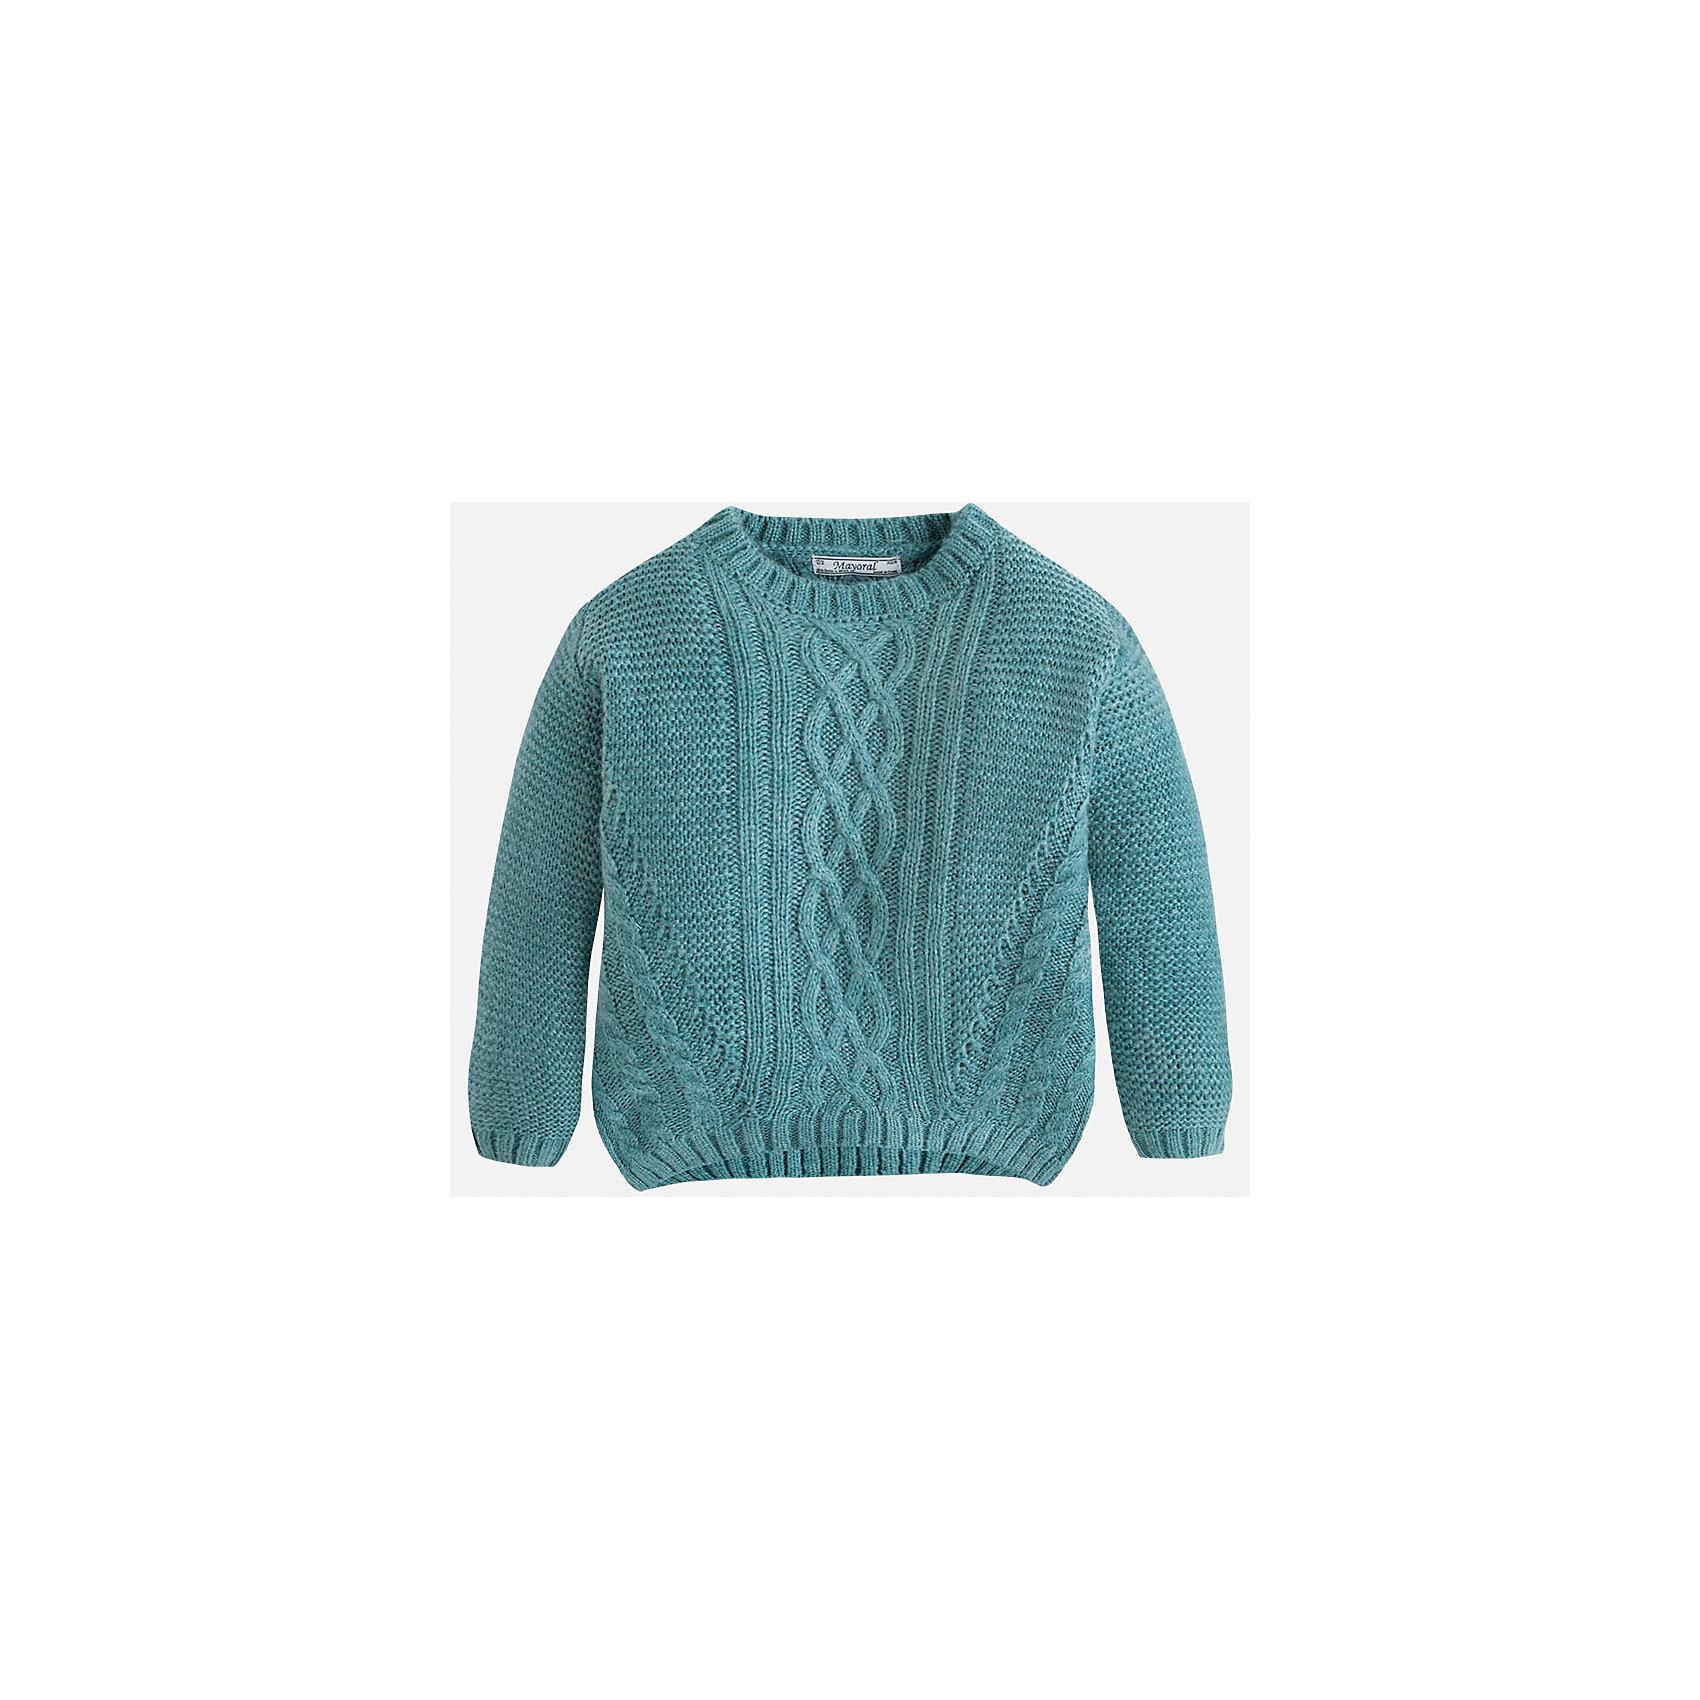 Свитер для девочки MayoralВязаный свитер  цвета морской волны торговой марки    Майорал -Mayoral для девочек.<br>Свитер выполнен из акрила.  Изделие из  мягкого трикотажа с рукавами реглан, впереди украшено узором, будет прекрасно сочетаться с джинсами и брюками.<br><br>Дополнительная информация: <br><br>- цвет: бирюзовый<br>- состав: акрил 100%<br>- фактура материала: текстильный<br>- тип карманов: без карманов<br>- уход за вещами: бережная стирка при 30 градусах<br>- рисунок: без рисунка<br>- назначение: повседневная<br>- сезон: круглогодичный<br>- пол: девочки<br>- страна бренда: Испания<br>- комплектация: свитер<br><br>Свитер для девочки торговой марки Mayoral можно купить в нашем интернет-магазине.<br><br>Ширина мм: 190<br>Глубина мм: 74<br>Высота мм: 229<br>Вес г: 236<br>Цвет: зеленый<br>Возраст от месяцев: 96<br>Возраст до месяцев: 108<br>Пол: Женский<br>Возраст: Детский<br>Размер: 128,122,104,116,134,98,110<br>SKU: 4846611